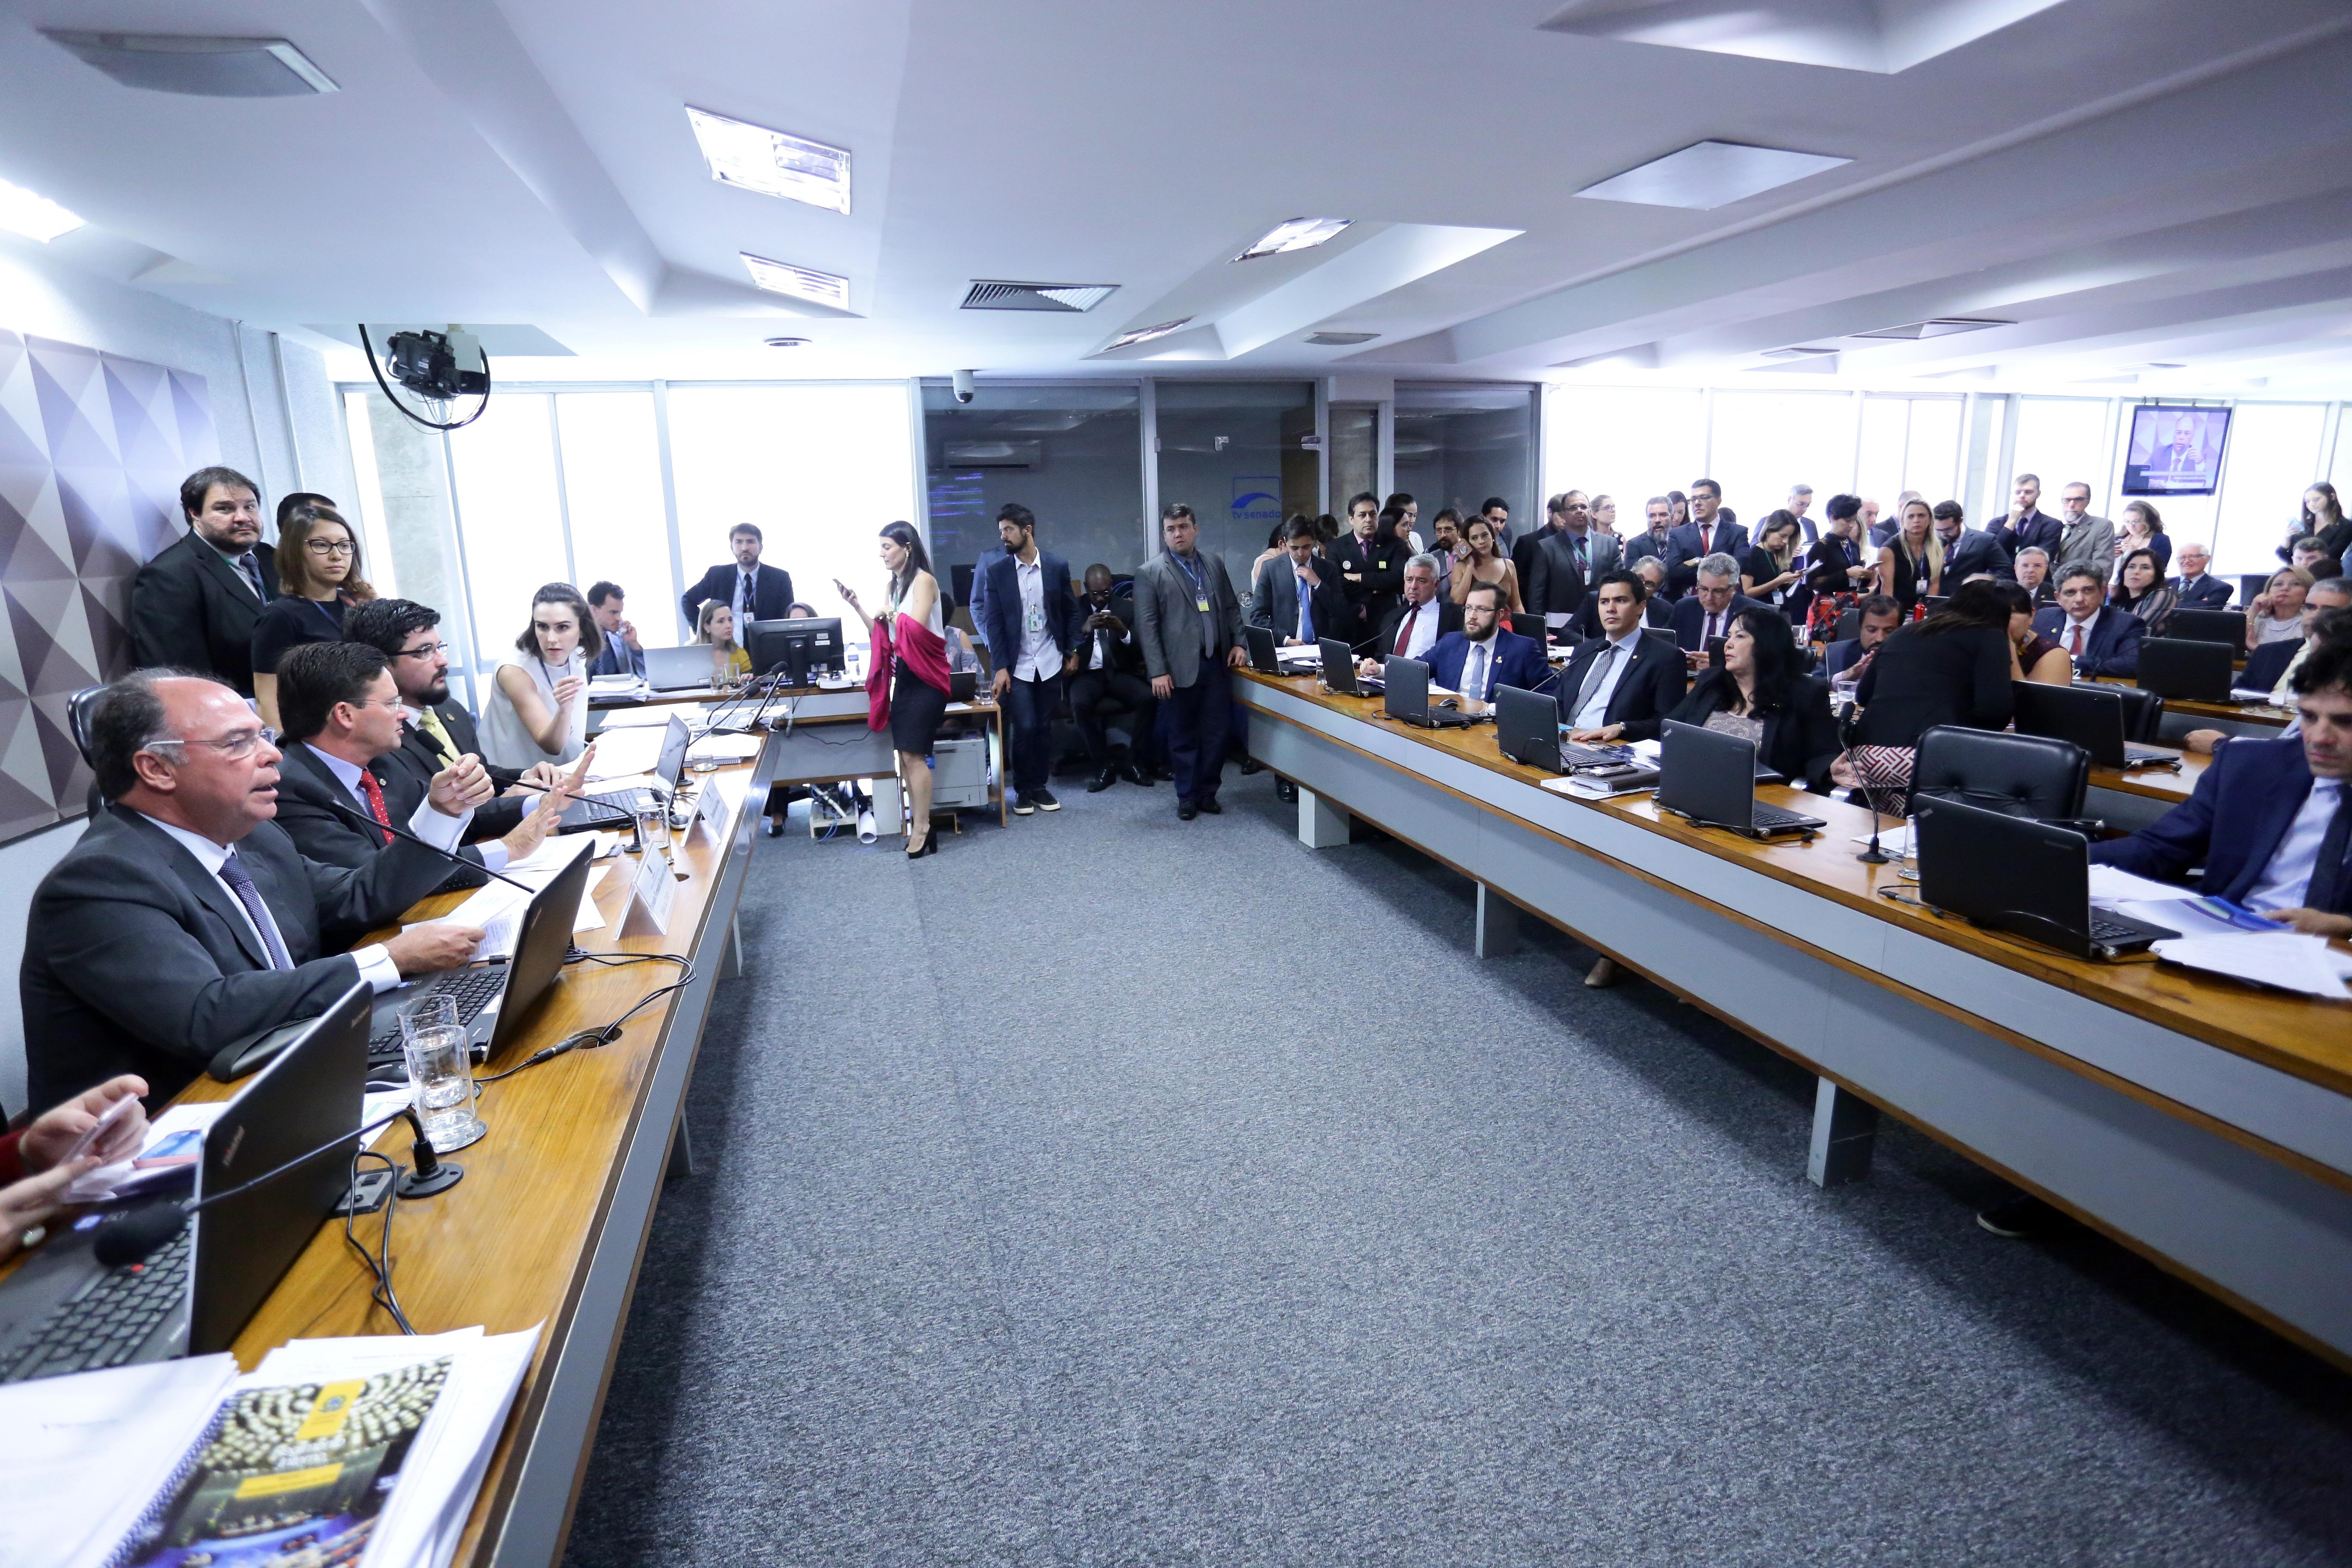 Reunião deliberativa para emitir parecer sobre a Medida Provisória nº 870, de 2019